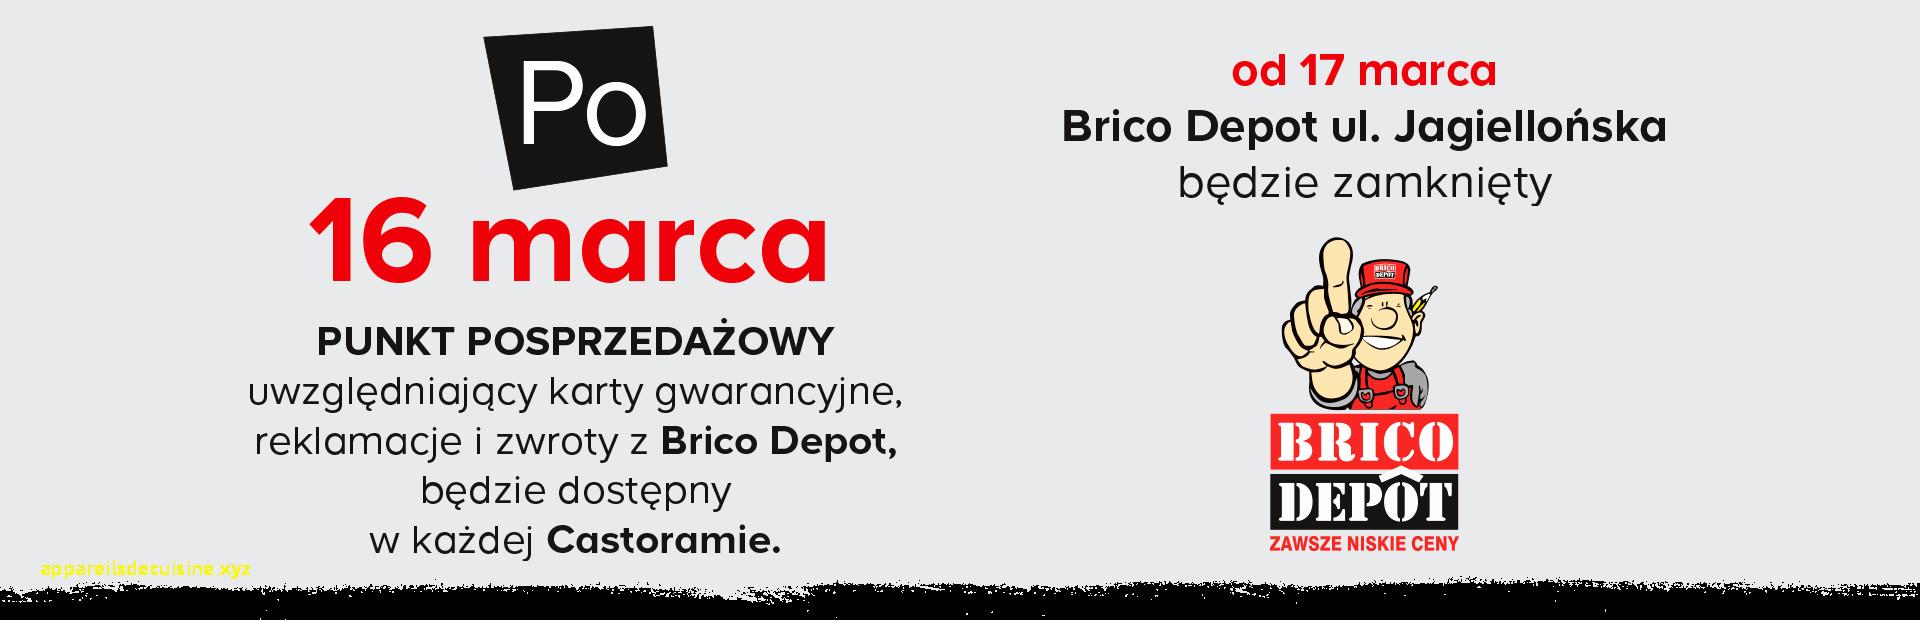 Brico Depot Coffre De Jardin Inspirant Image Brico Depot Lame Terrasse Meilleur De 50 Unique Pergola Pas Cher